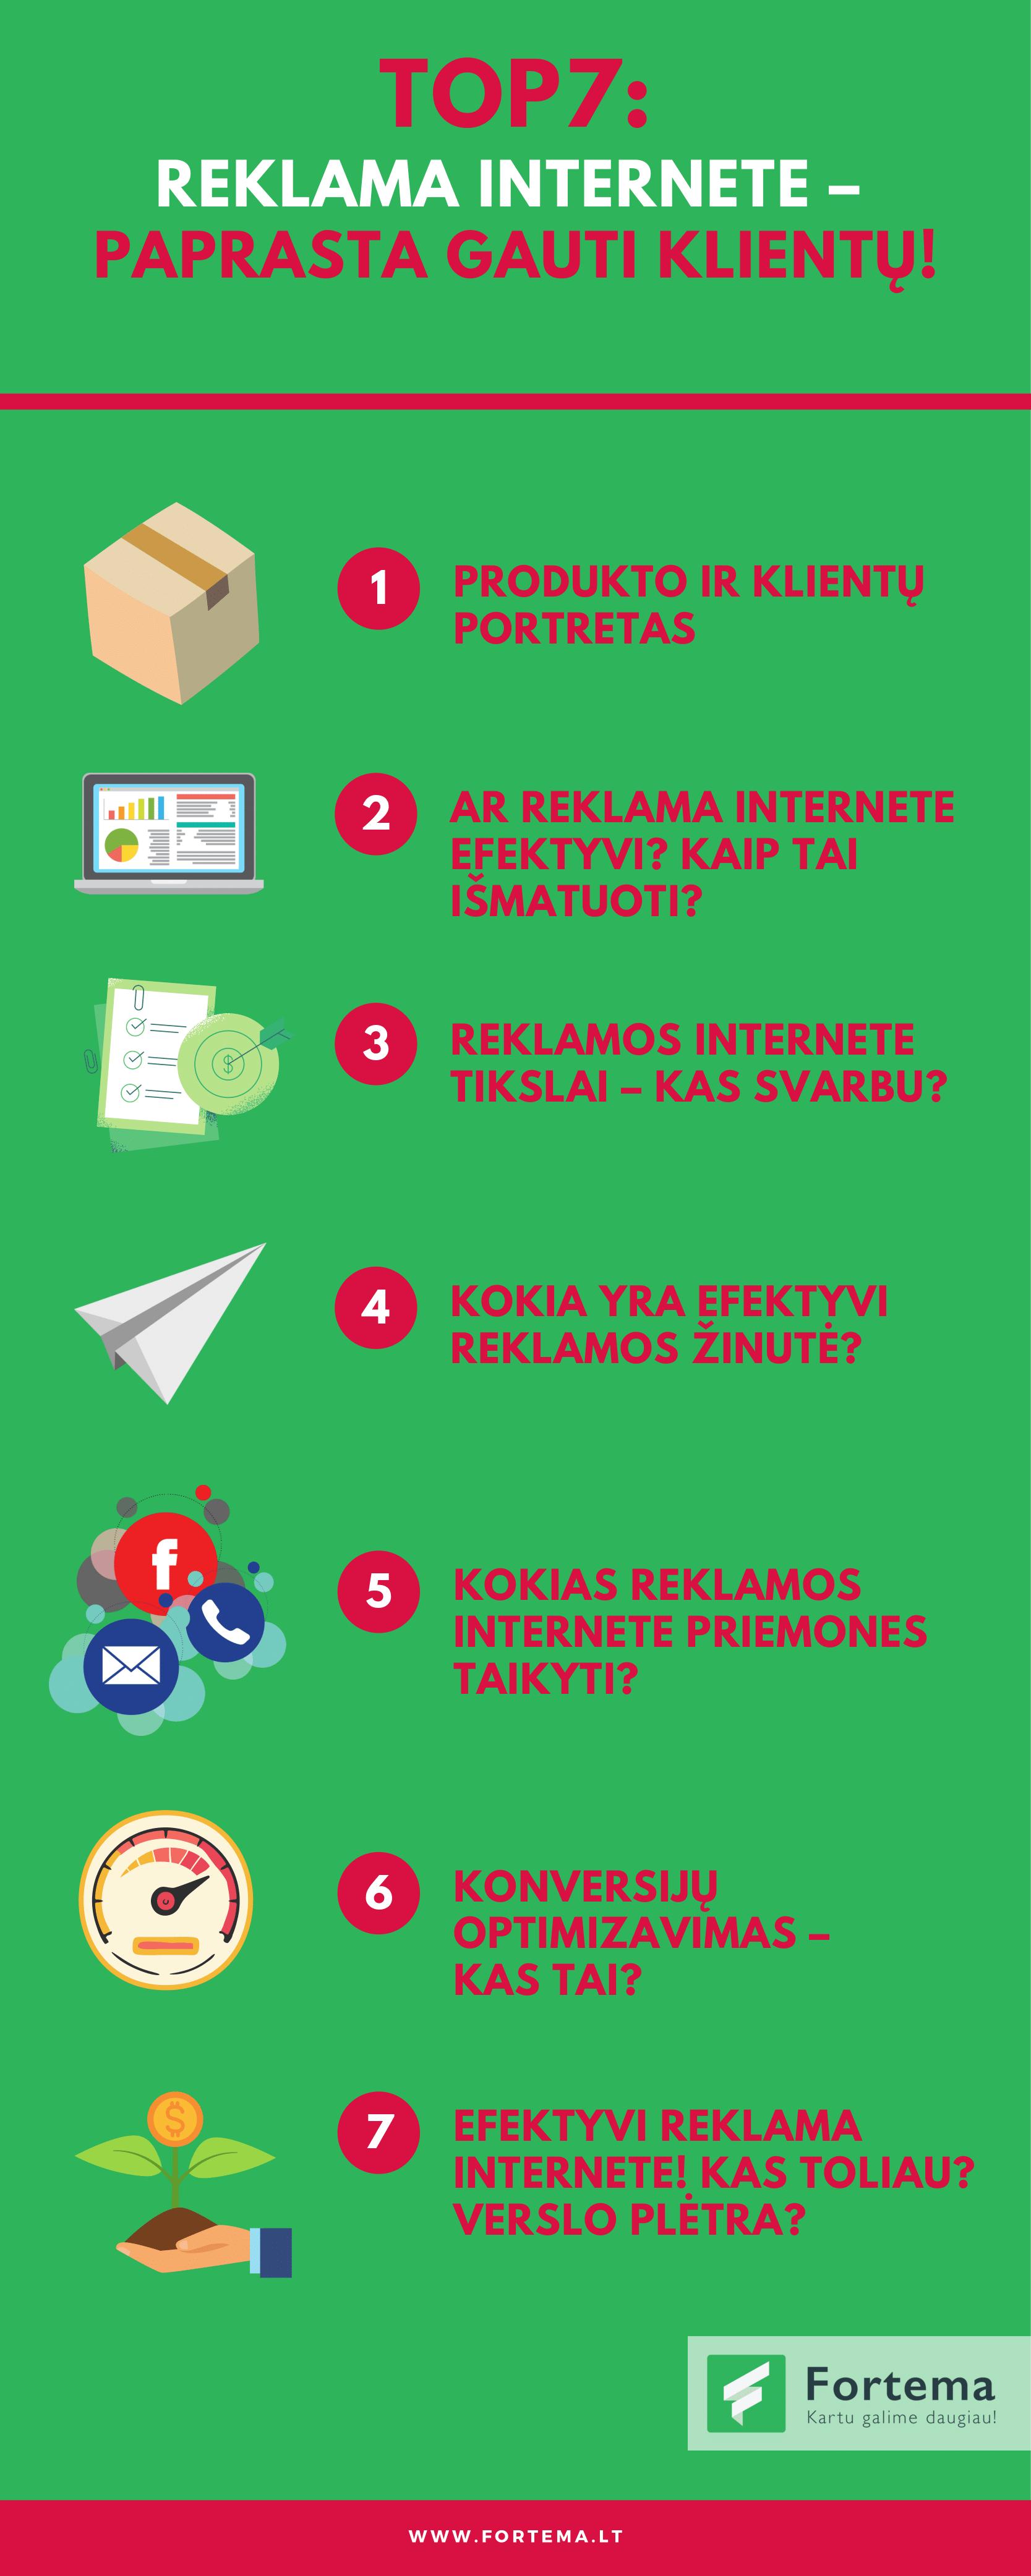 TOP7: Reklama internete – paprasta gauti klientų!